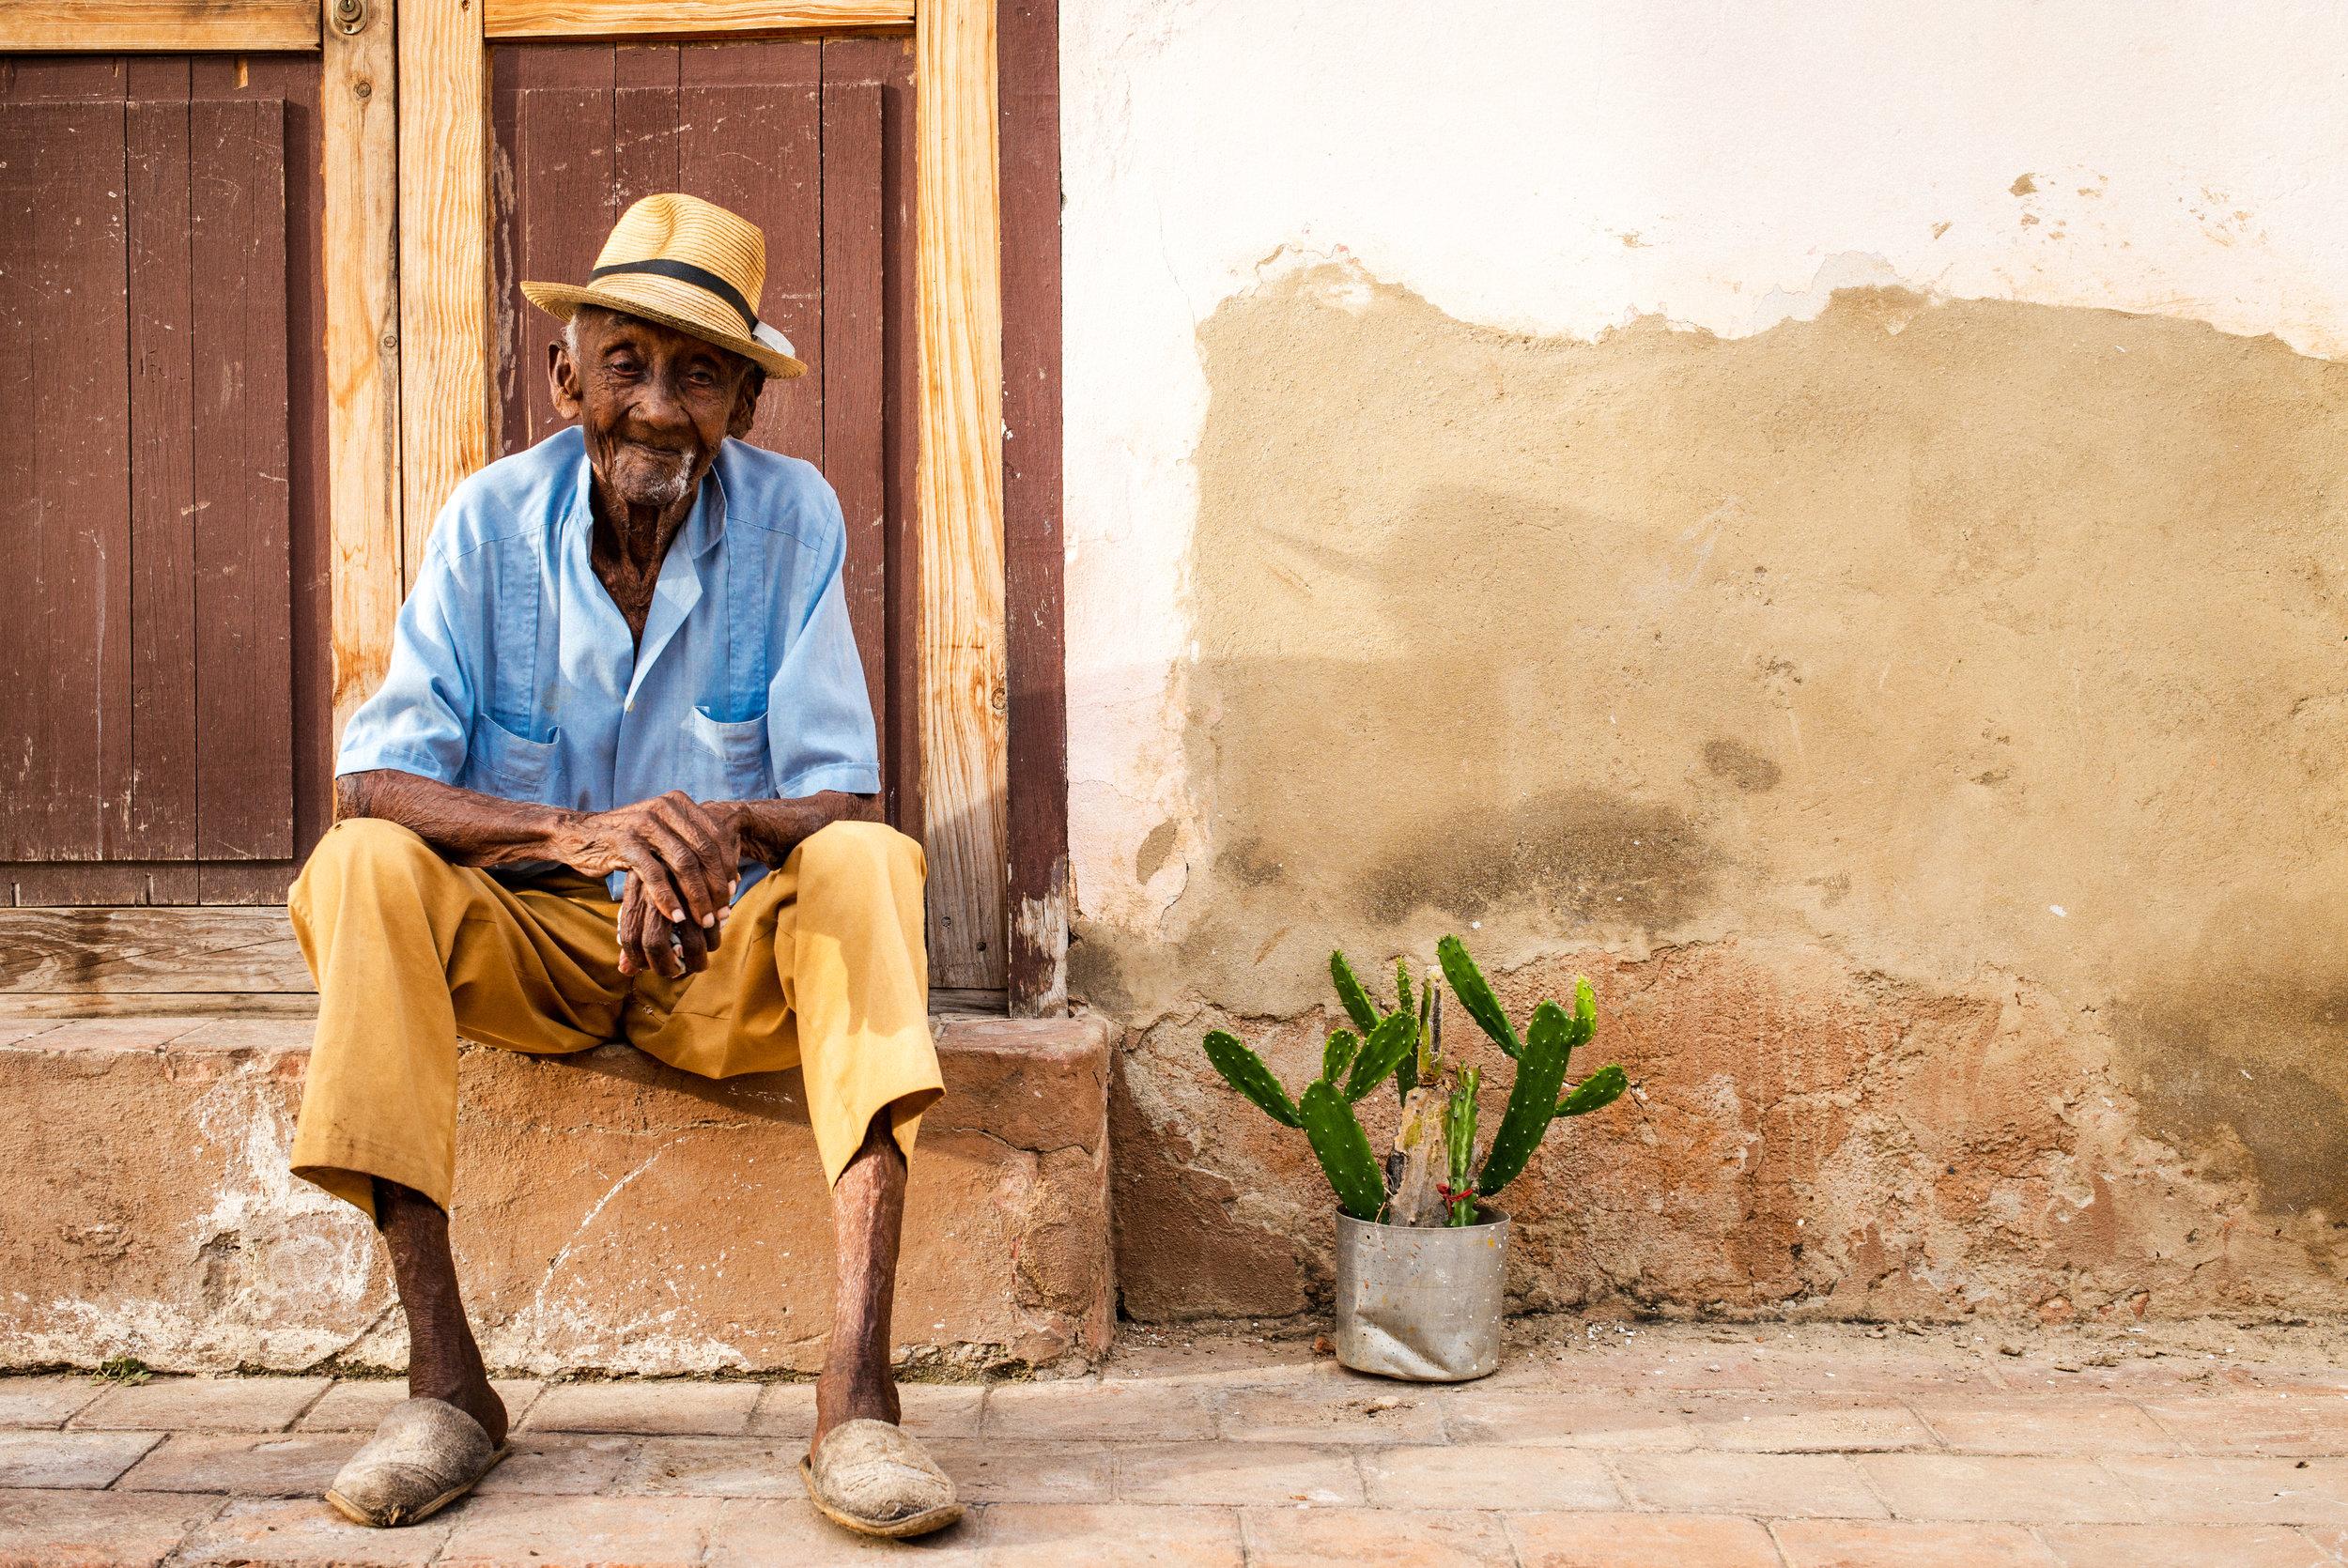 der 99 jährige und sein Kaktus eine bewegende Geschichte